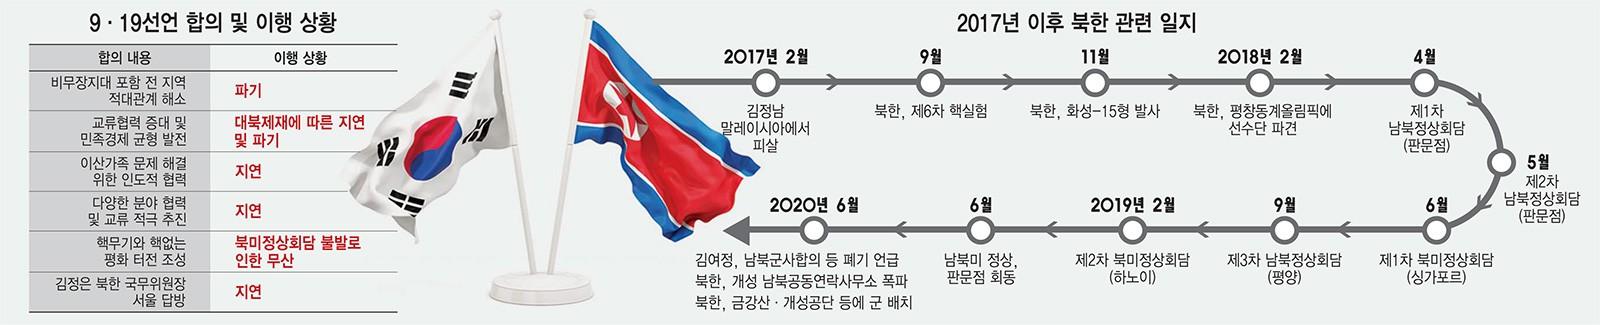 [이슈분석]악화일로 남북관계...정부, 희망 끈 이어간다